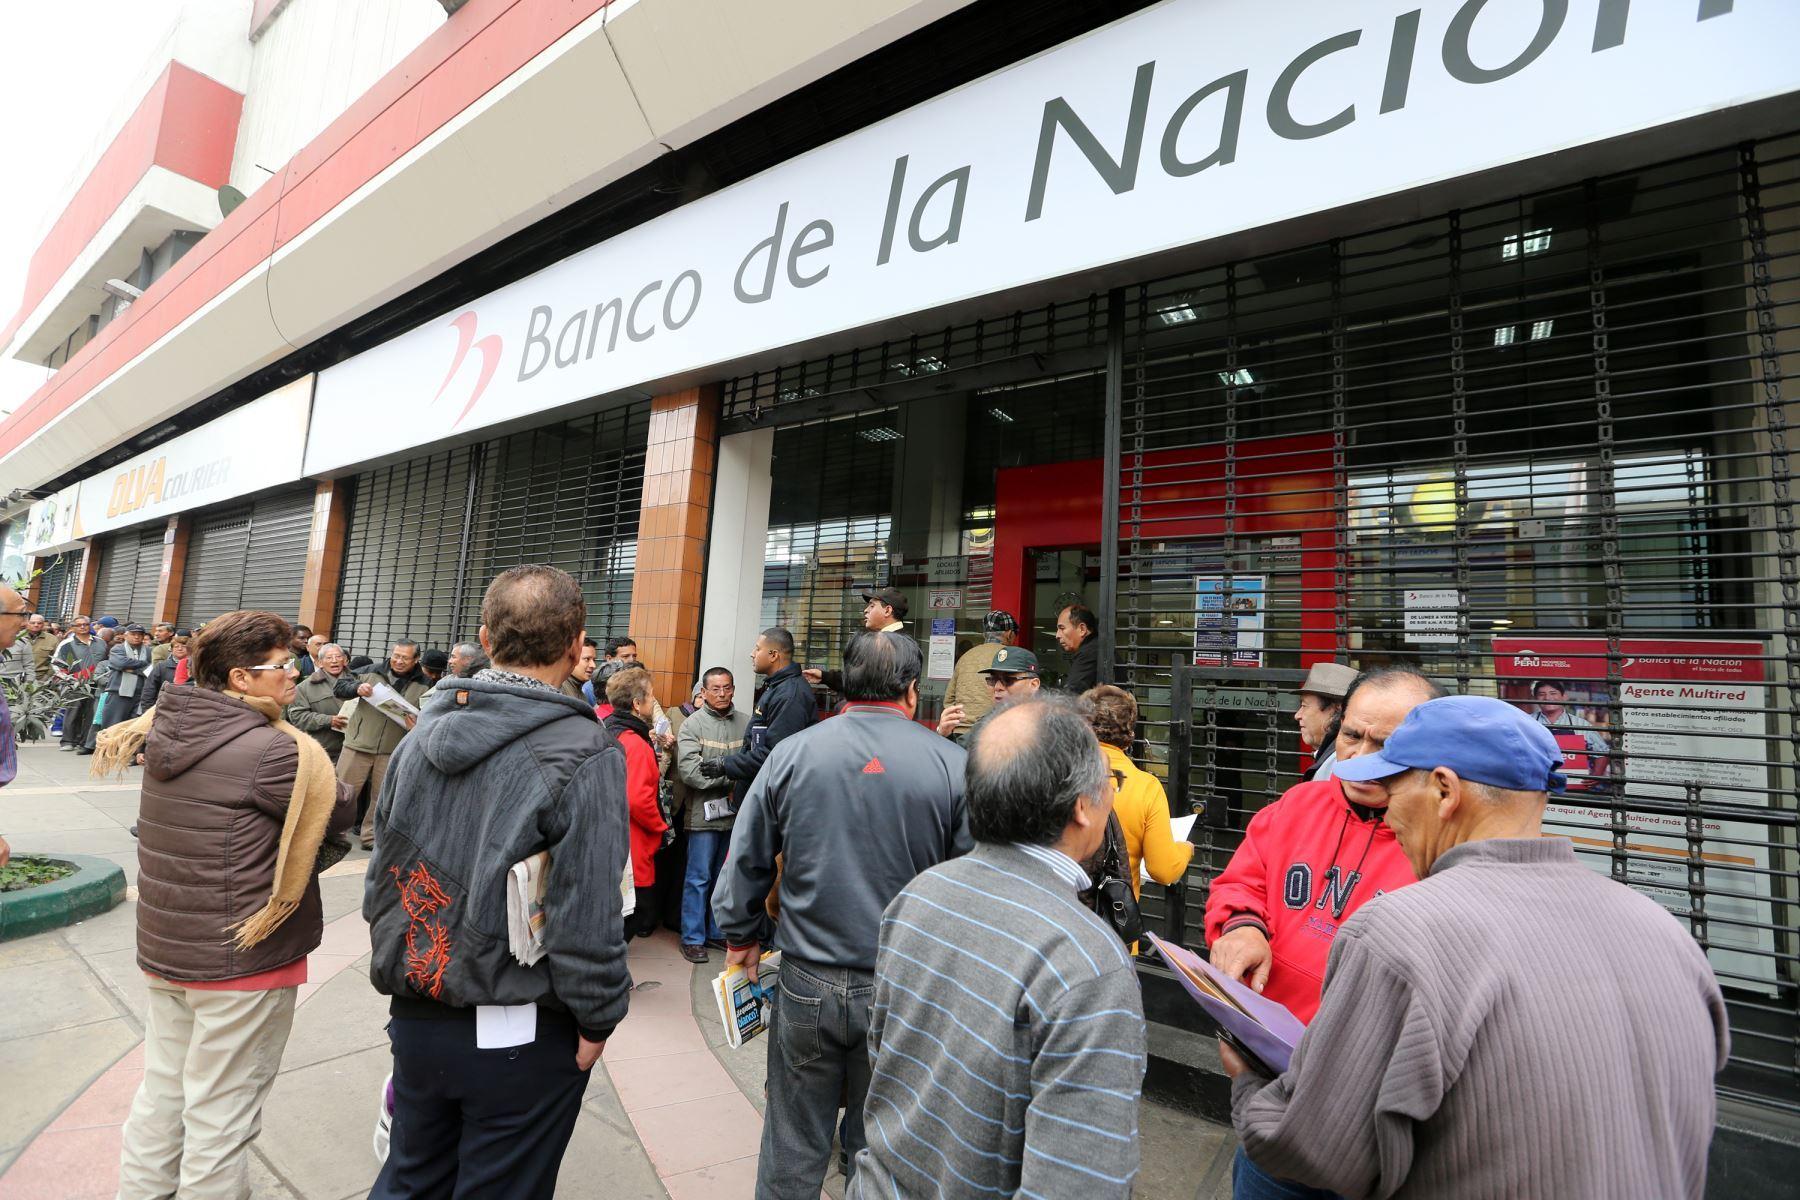 Si no aceptan cancelar el crédito dado al propietario original, el bien pasa a manos del banco. Foto: ANDINA/Norman Córdova